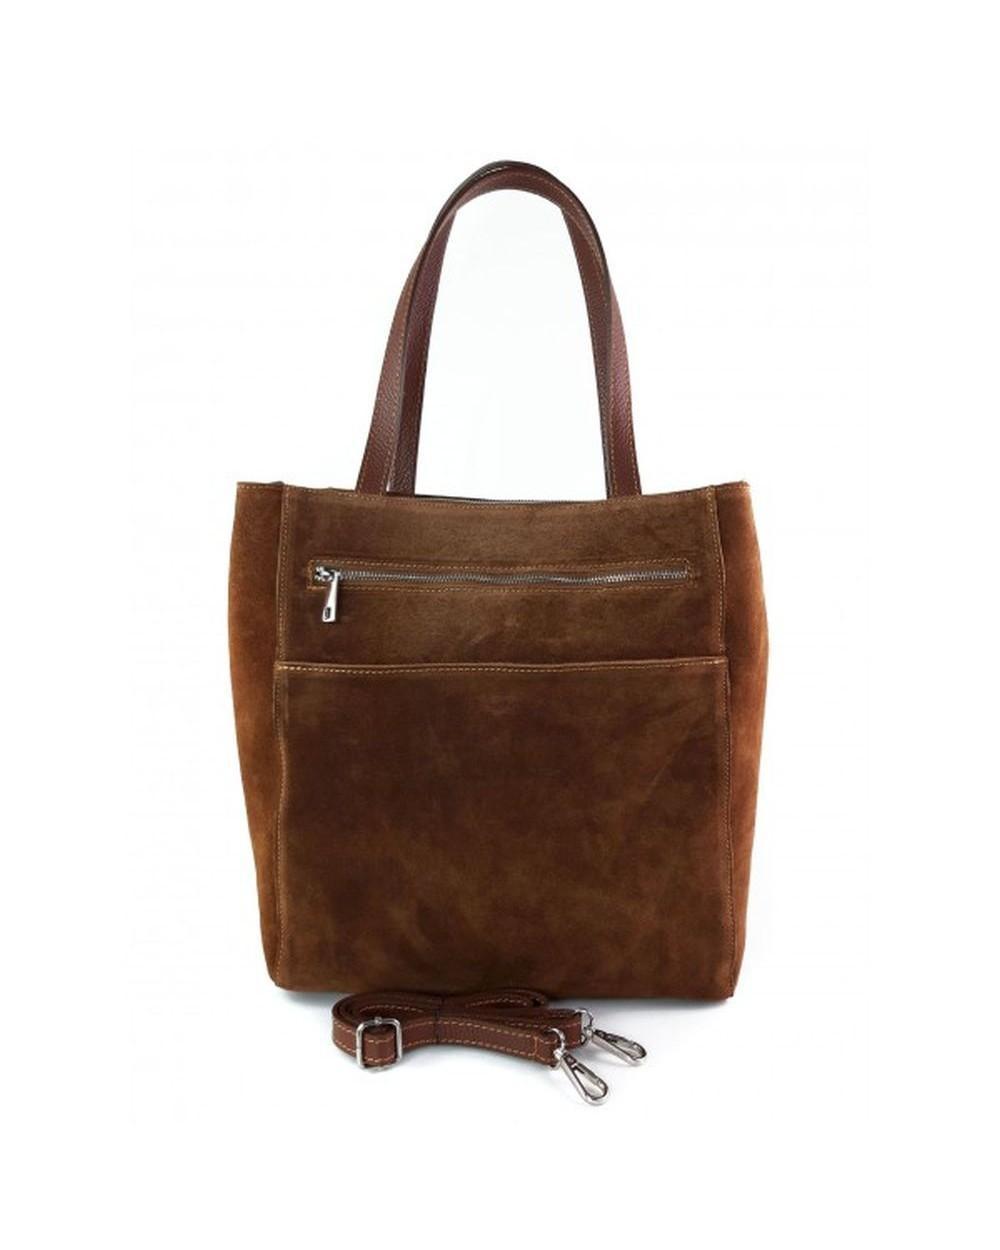 Torebka zamszowa włoska shopper bag brązowa